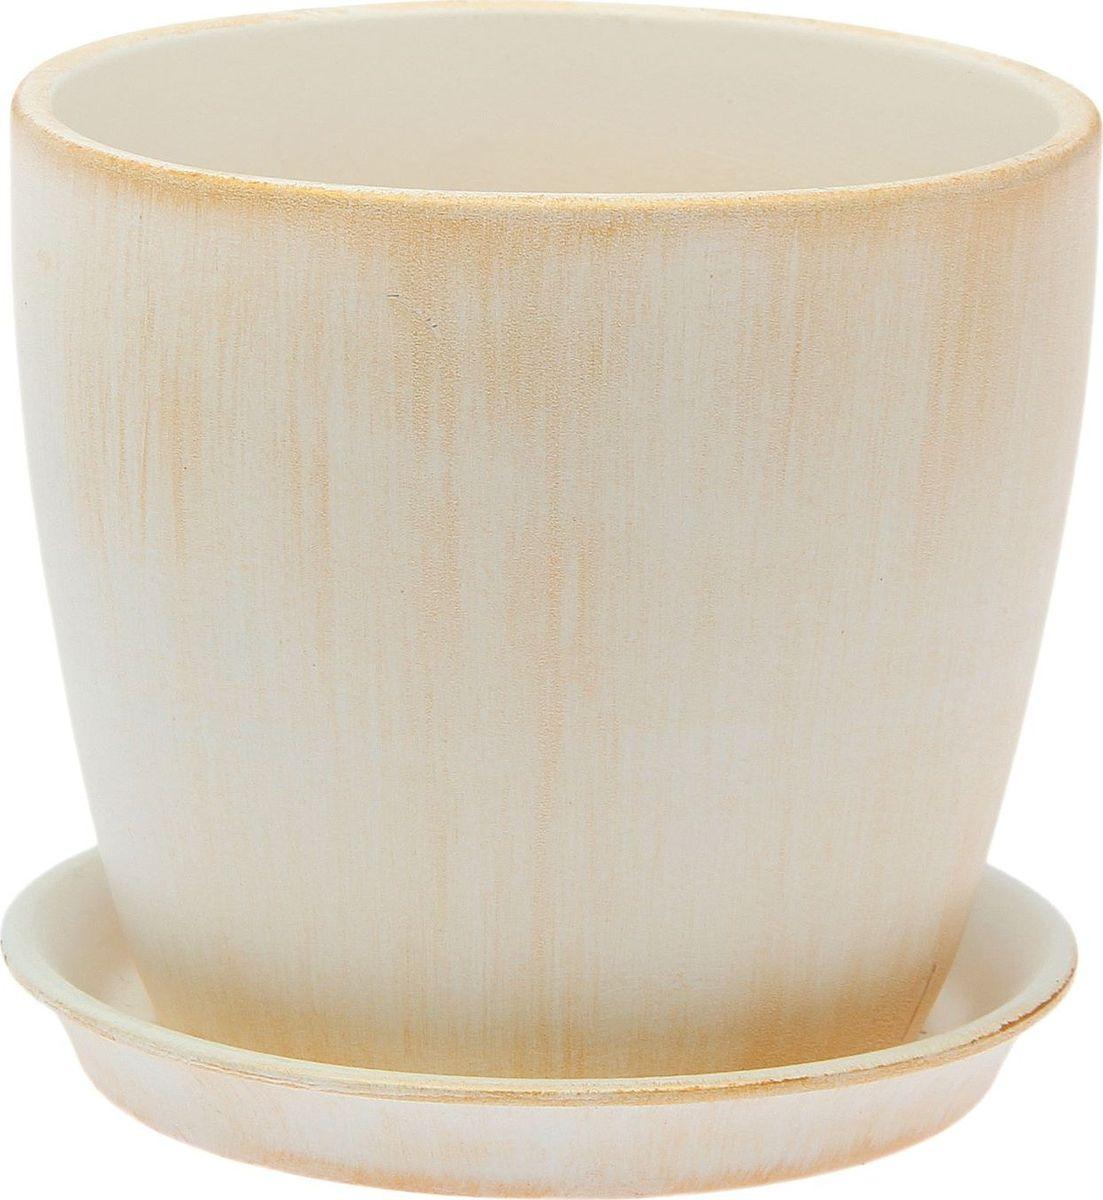 Кашпо Керамика ручной работы Осень. Патина, цвет: золотистый, 1 л2026659Комнатные растения — всеобщие любимцы. Они радуют глаз, насыщают помещение кислородом и украшают пространство. Каждому из них необходим свой удобный и красивый дом. Кашпо из керамики прекрасно подходят для высадки растений: за счёт пластичности глины и разных способов обработки существует великое множество форм и дизайновпористый материал позволяет испаряться лишней влагевоздух, необходимый для дыхания корней, проникает сквозь керамические стенки! #name# позаботится о зелёном питомце, освежит интерьер и подчеркнёт его стиль.